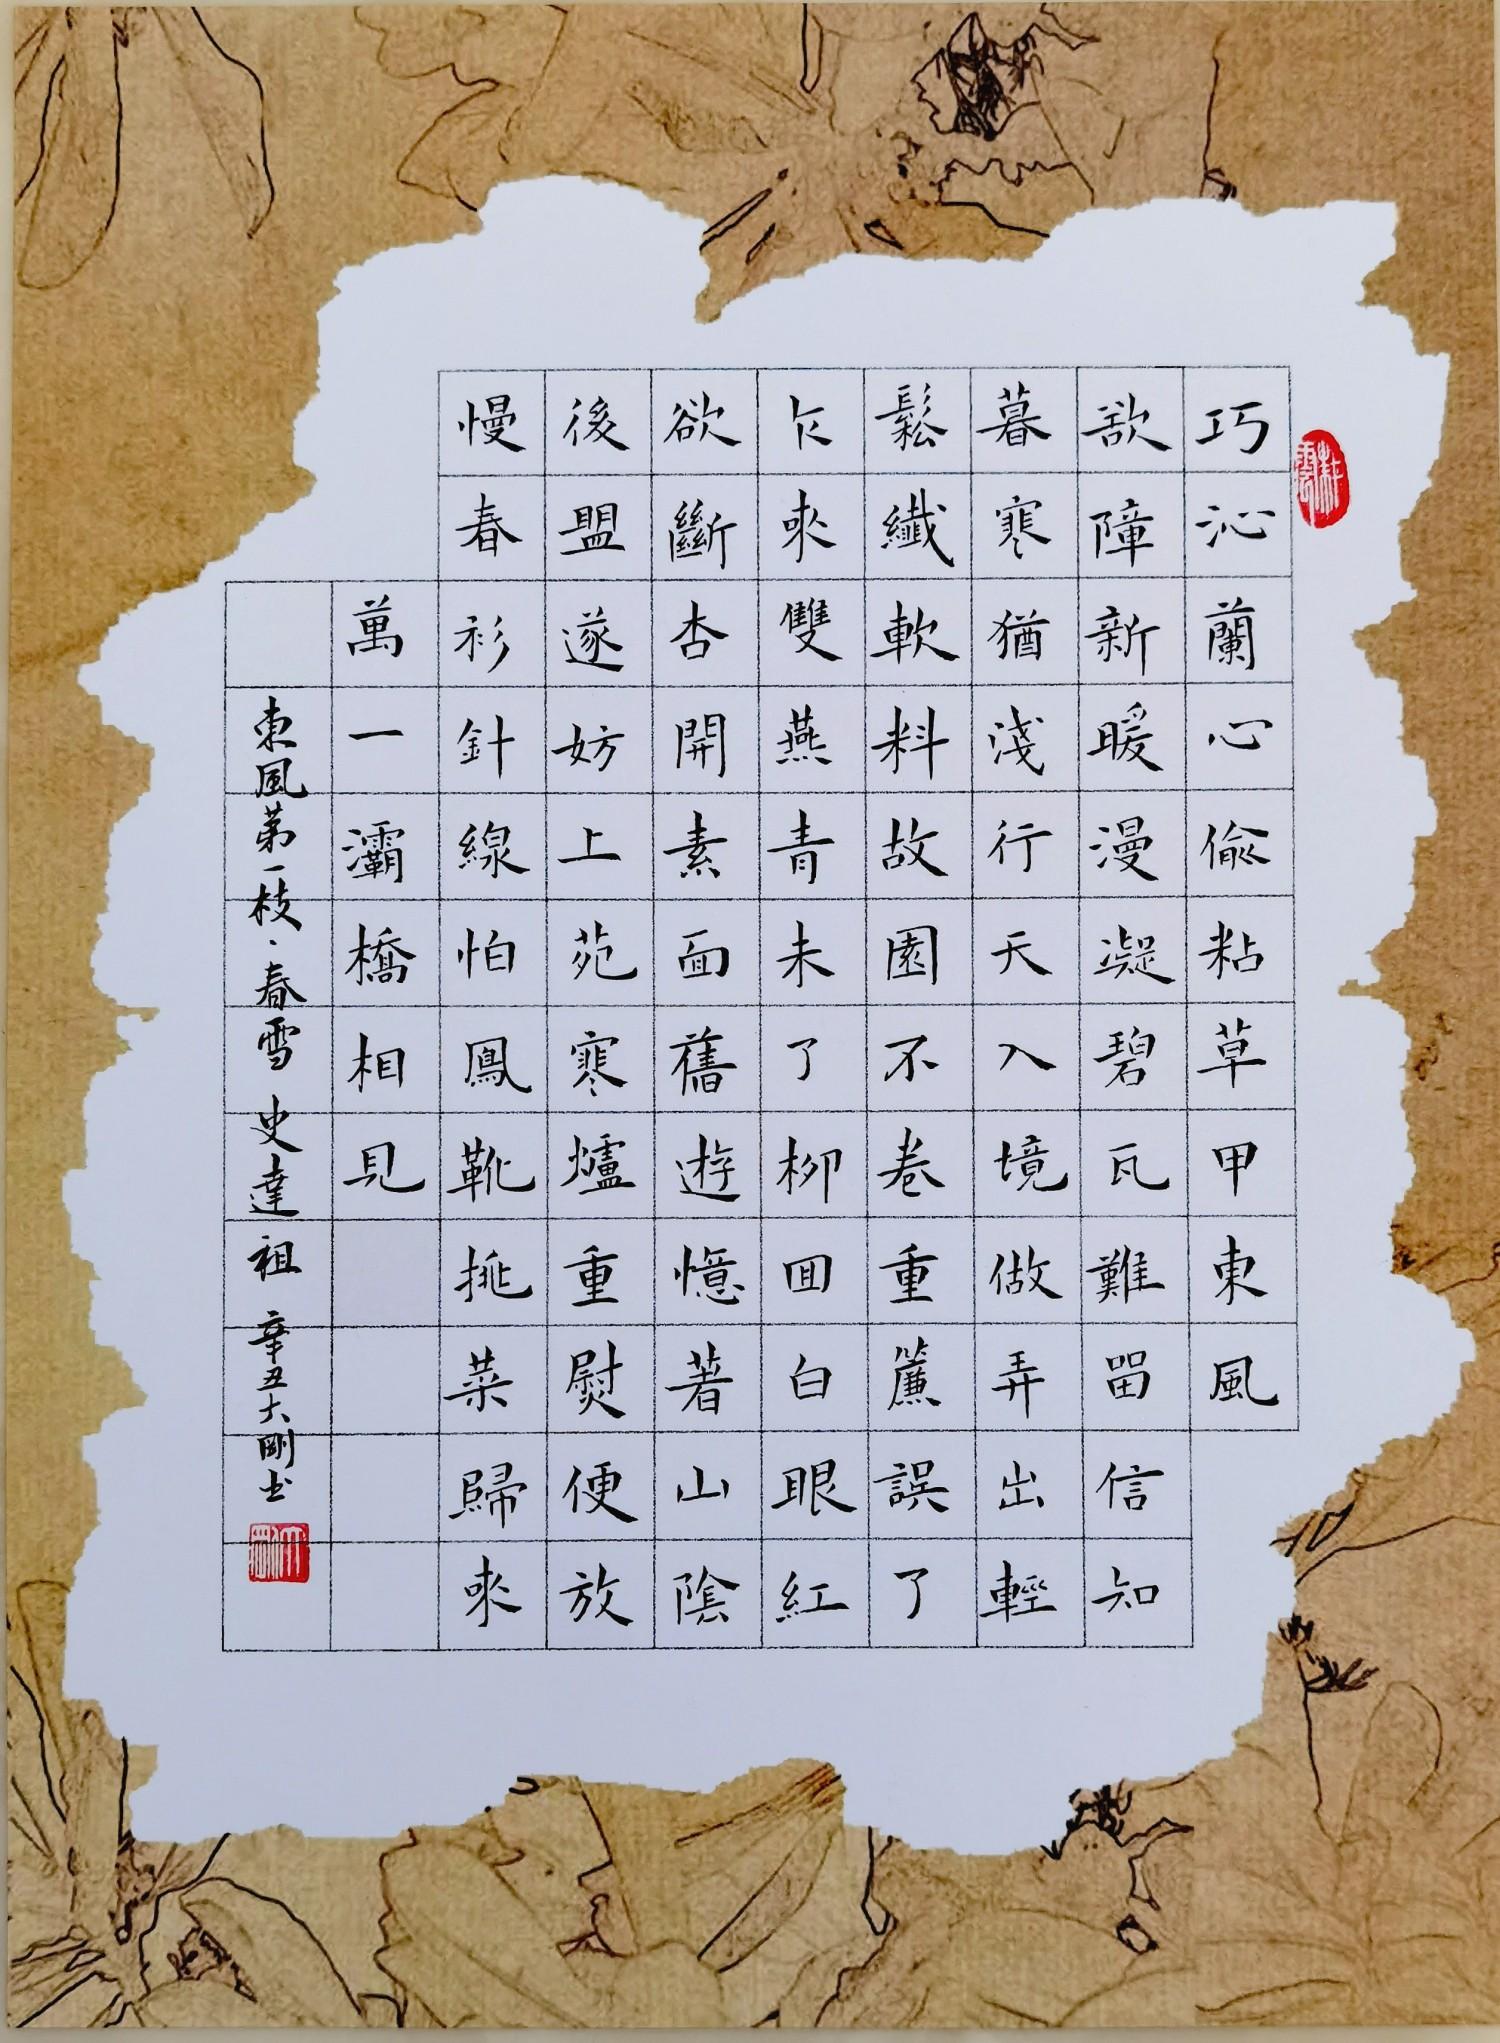 钢笔书法练字打卡20210511-21